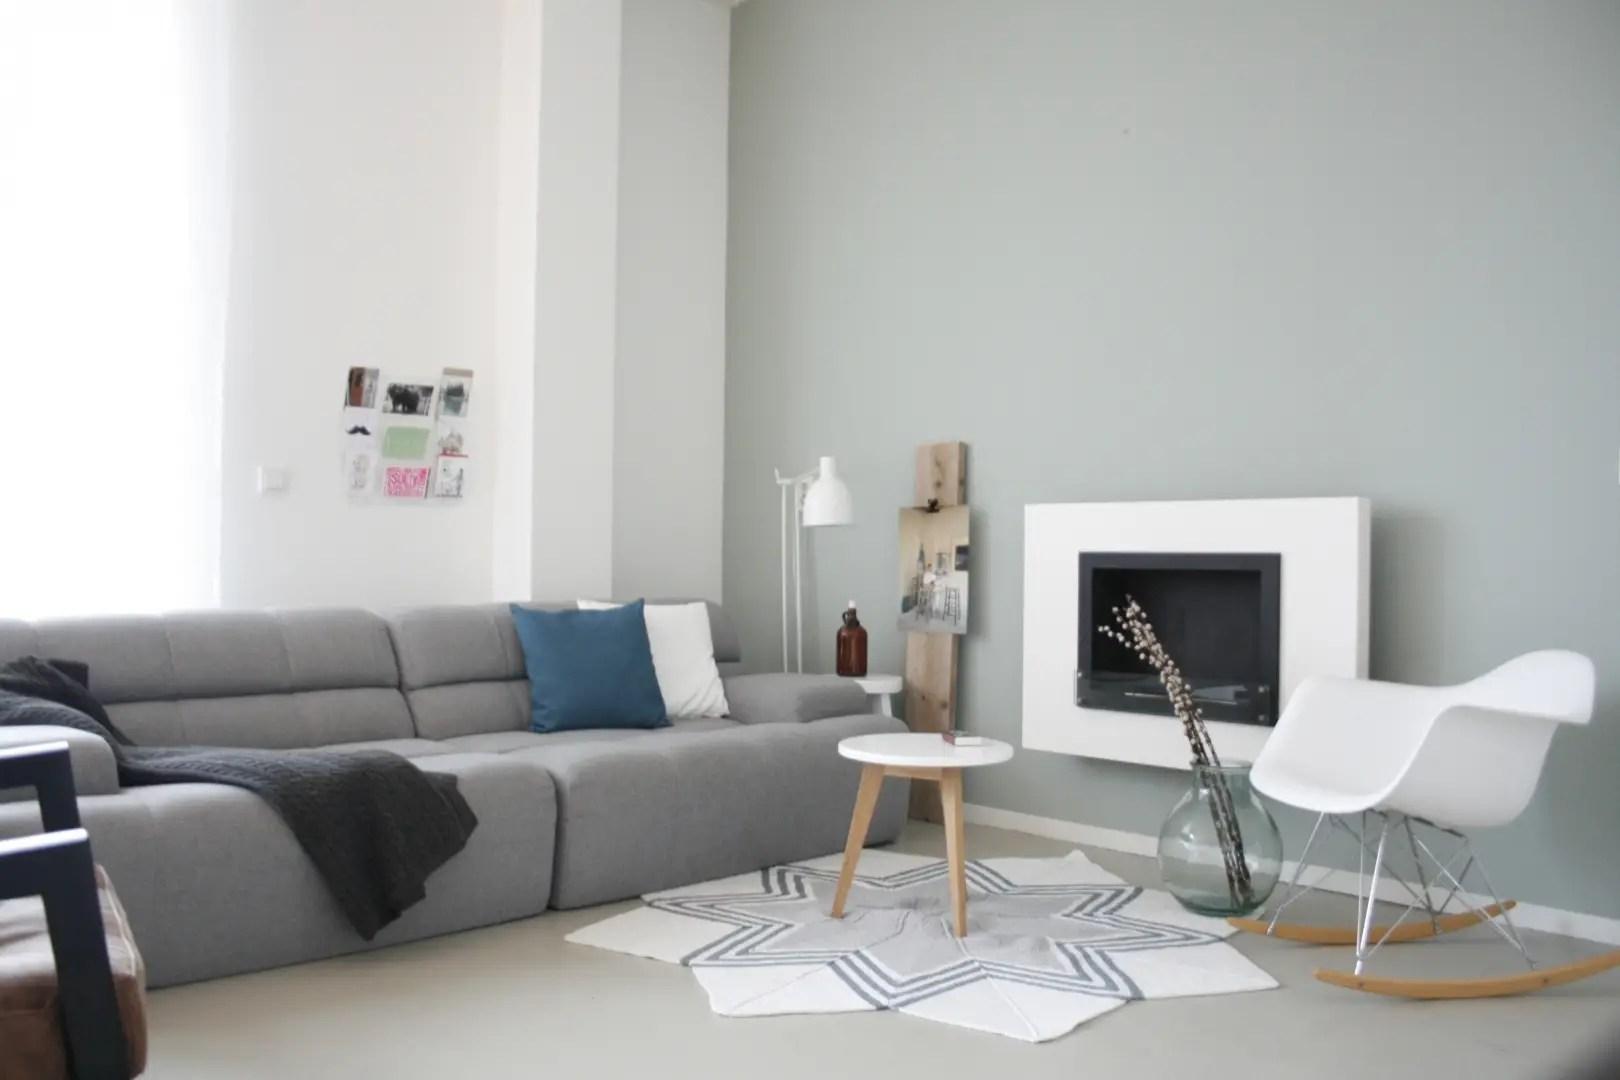 Binnenkijken Thuis Femke : Binnenkijken thuis bij femke deel u stijlvol styling